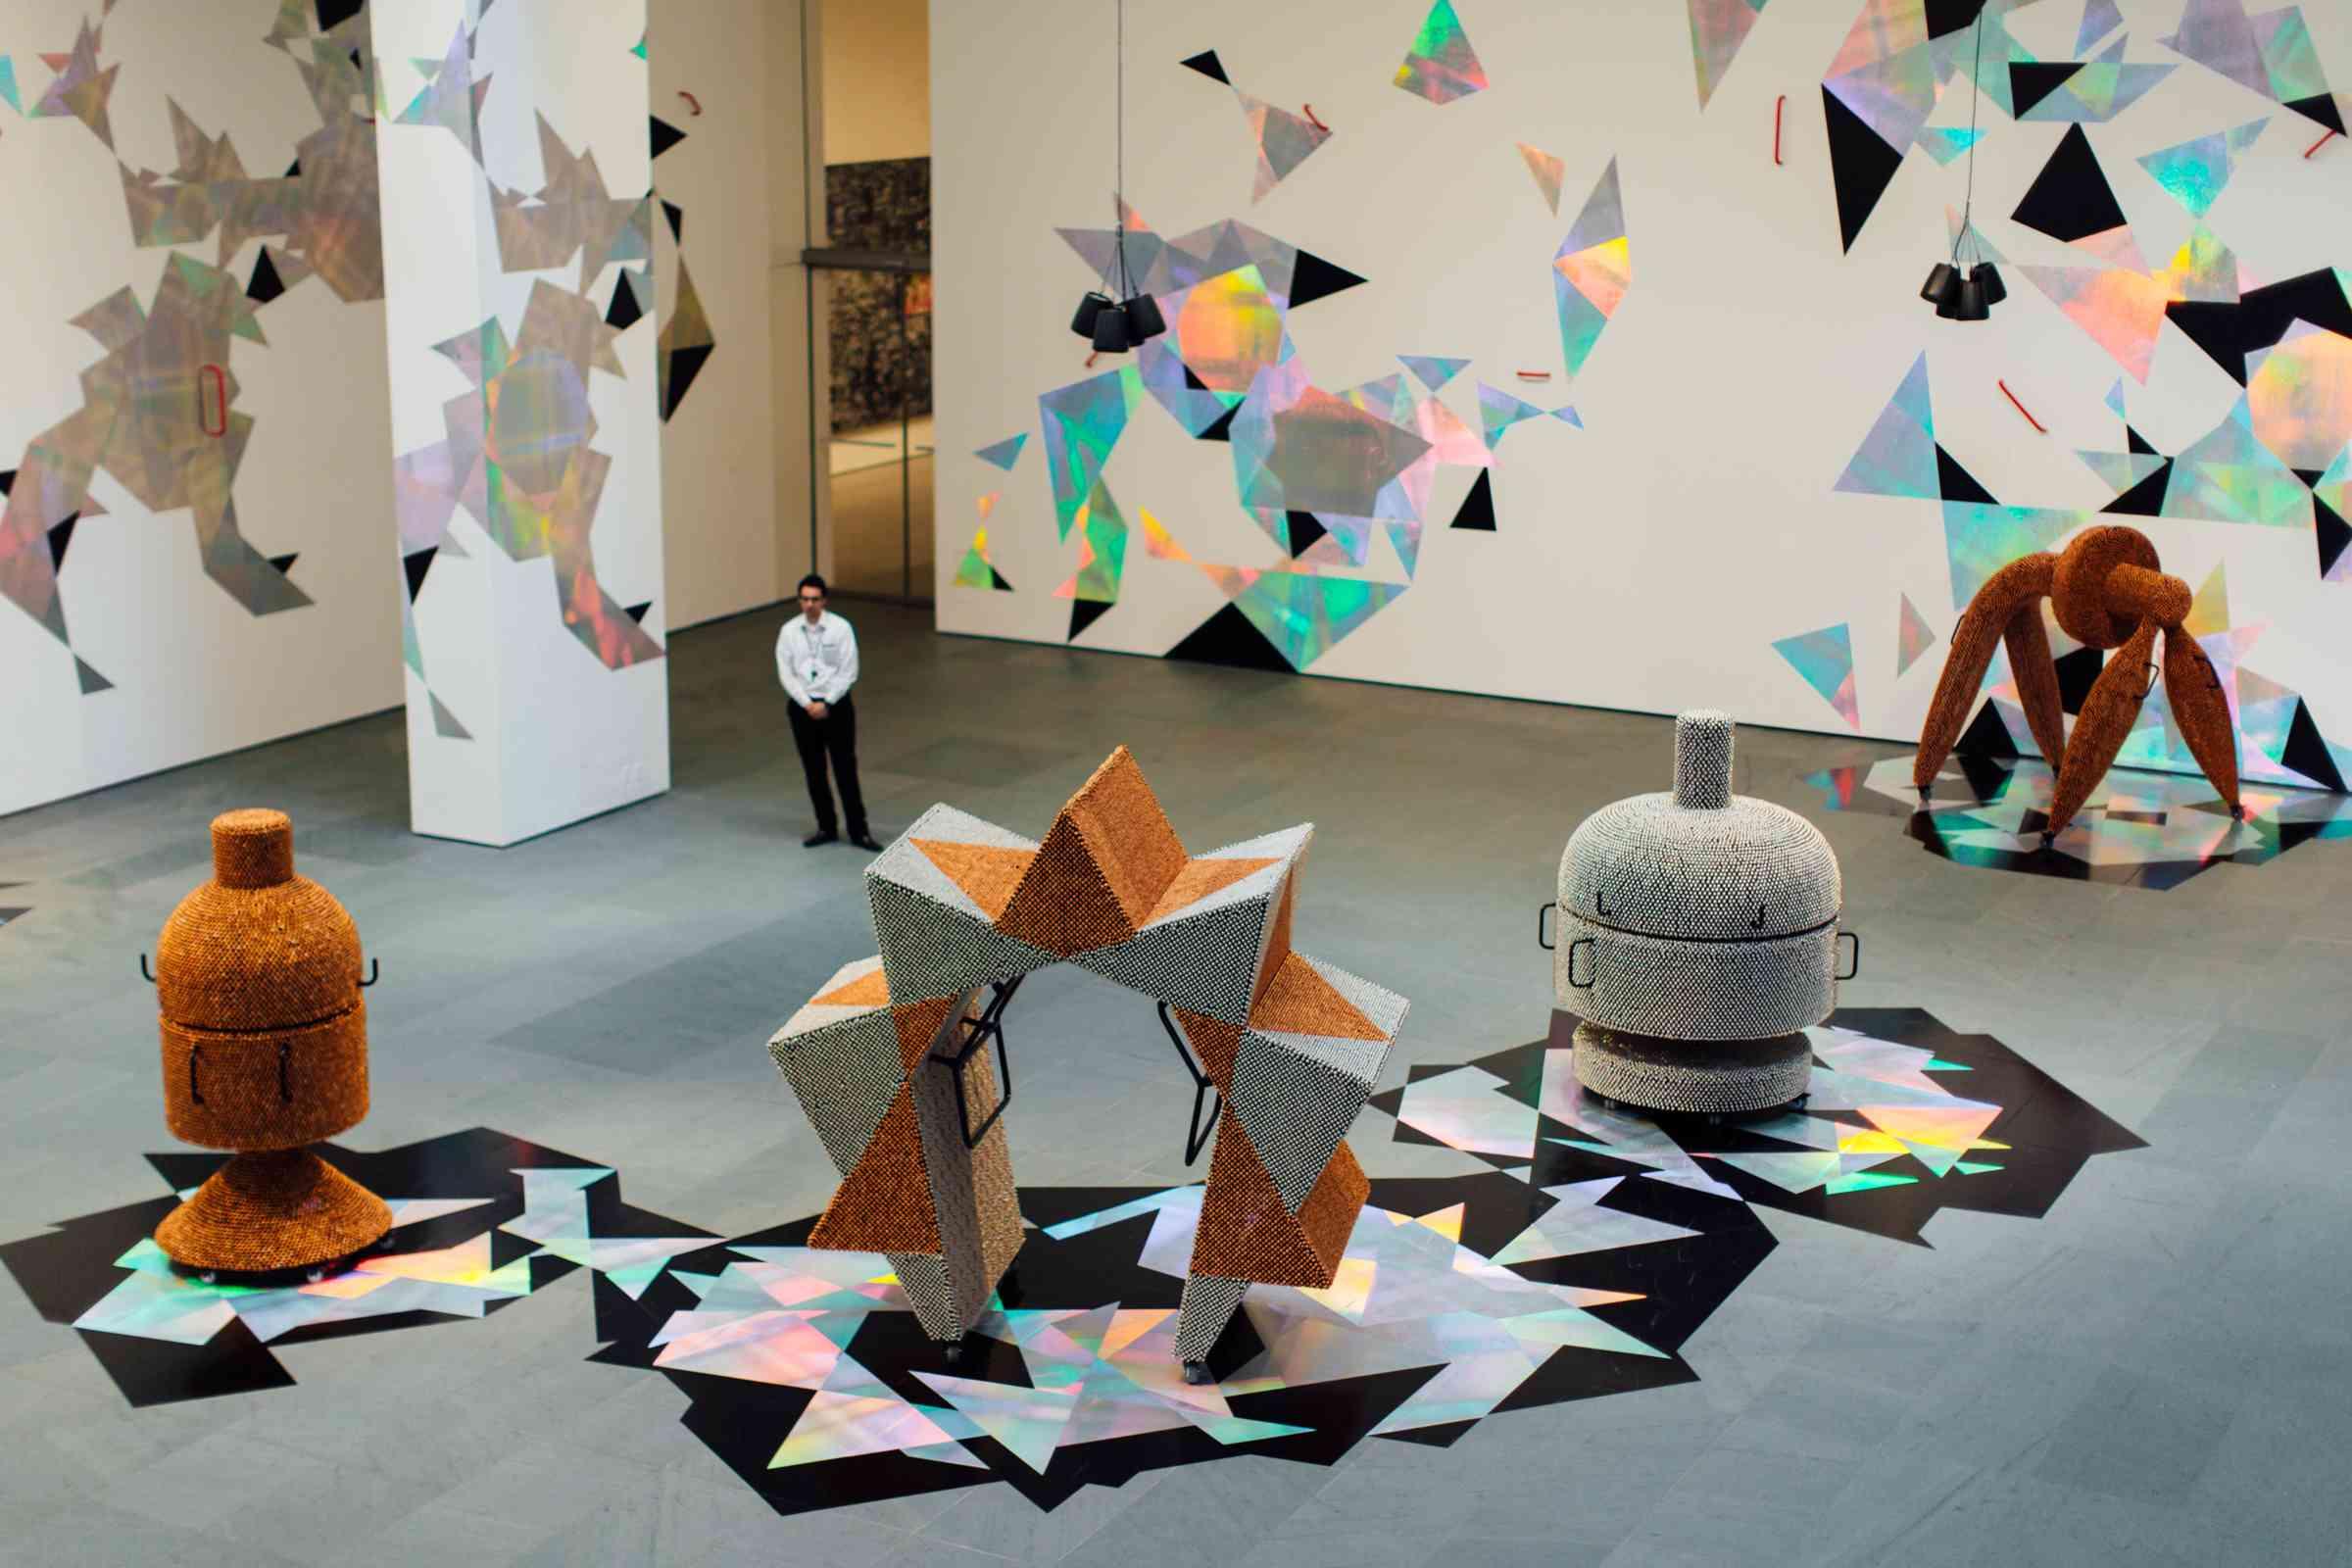 Exhibit at the MOMA, New York City, NY